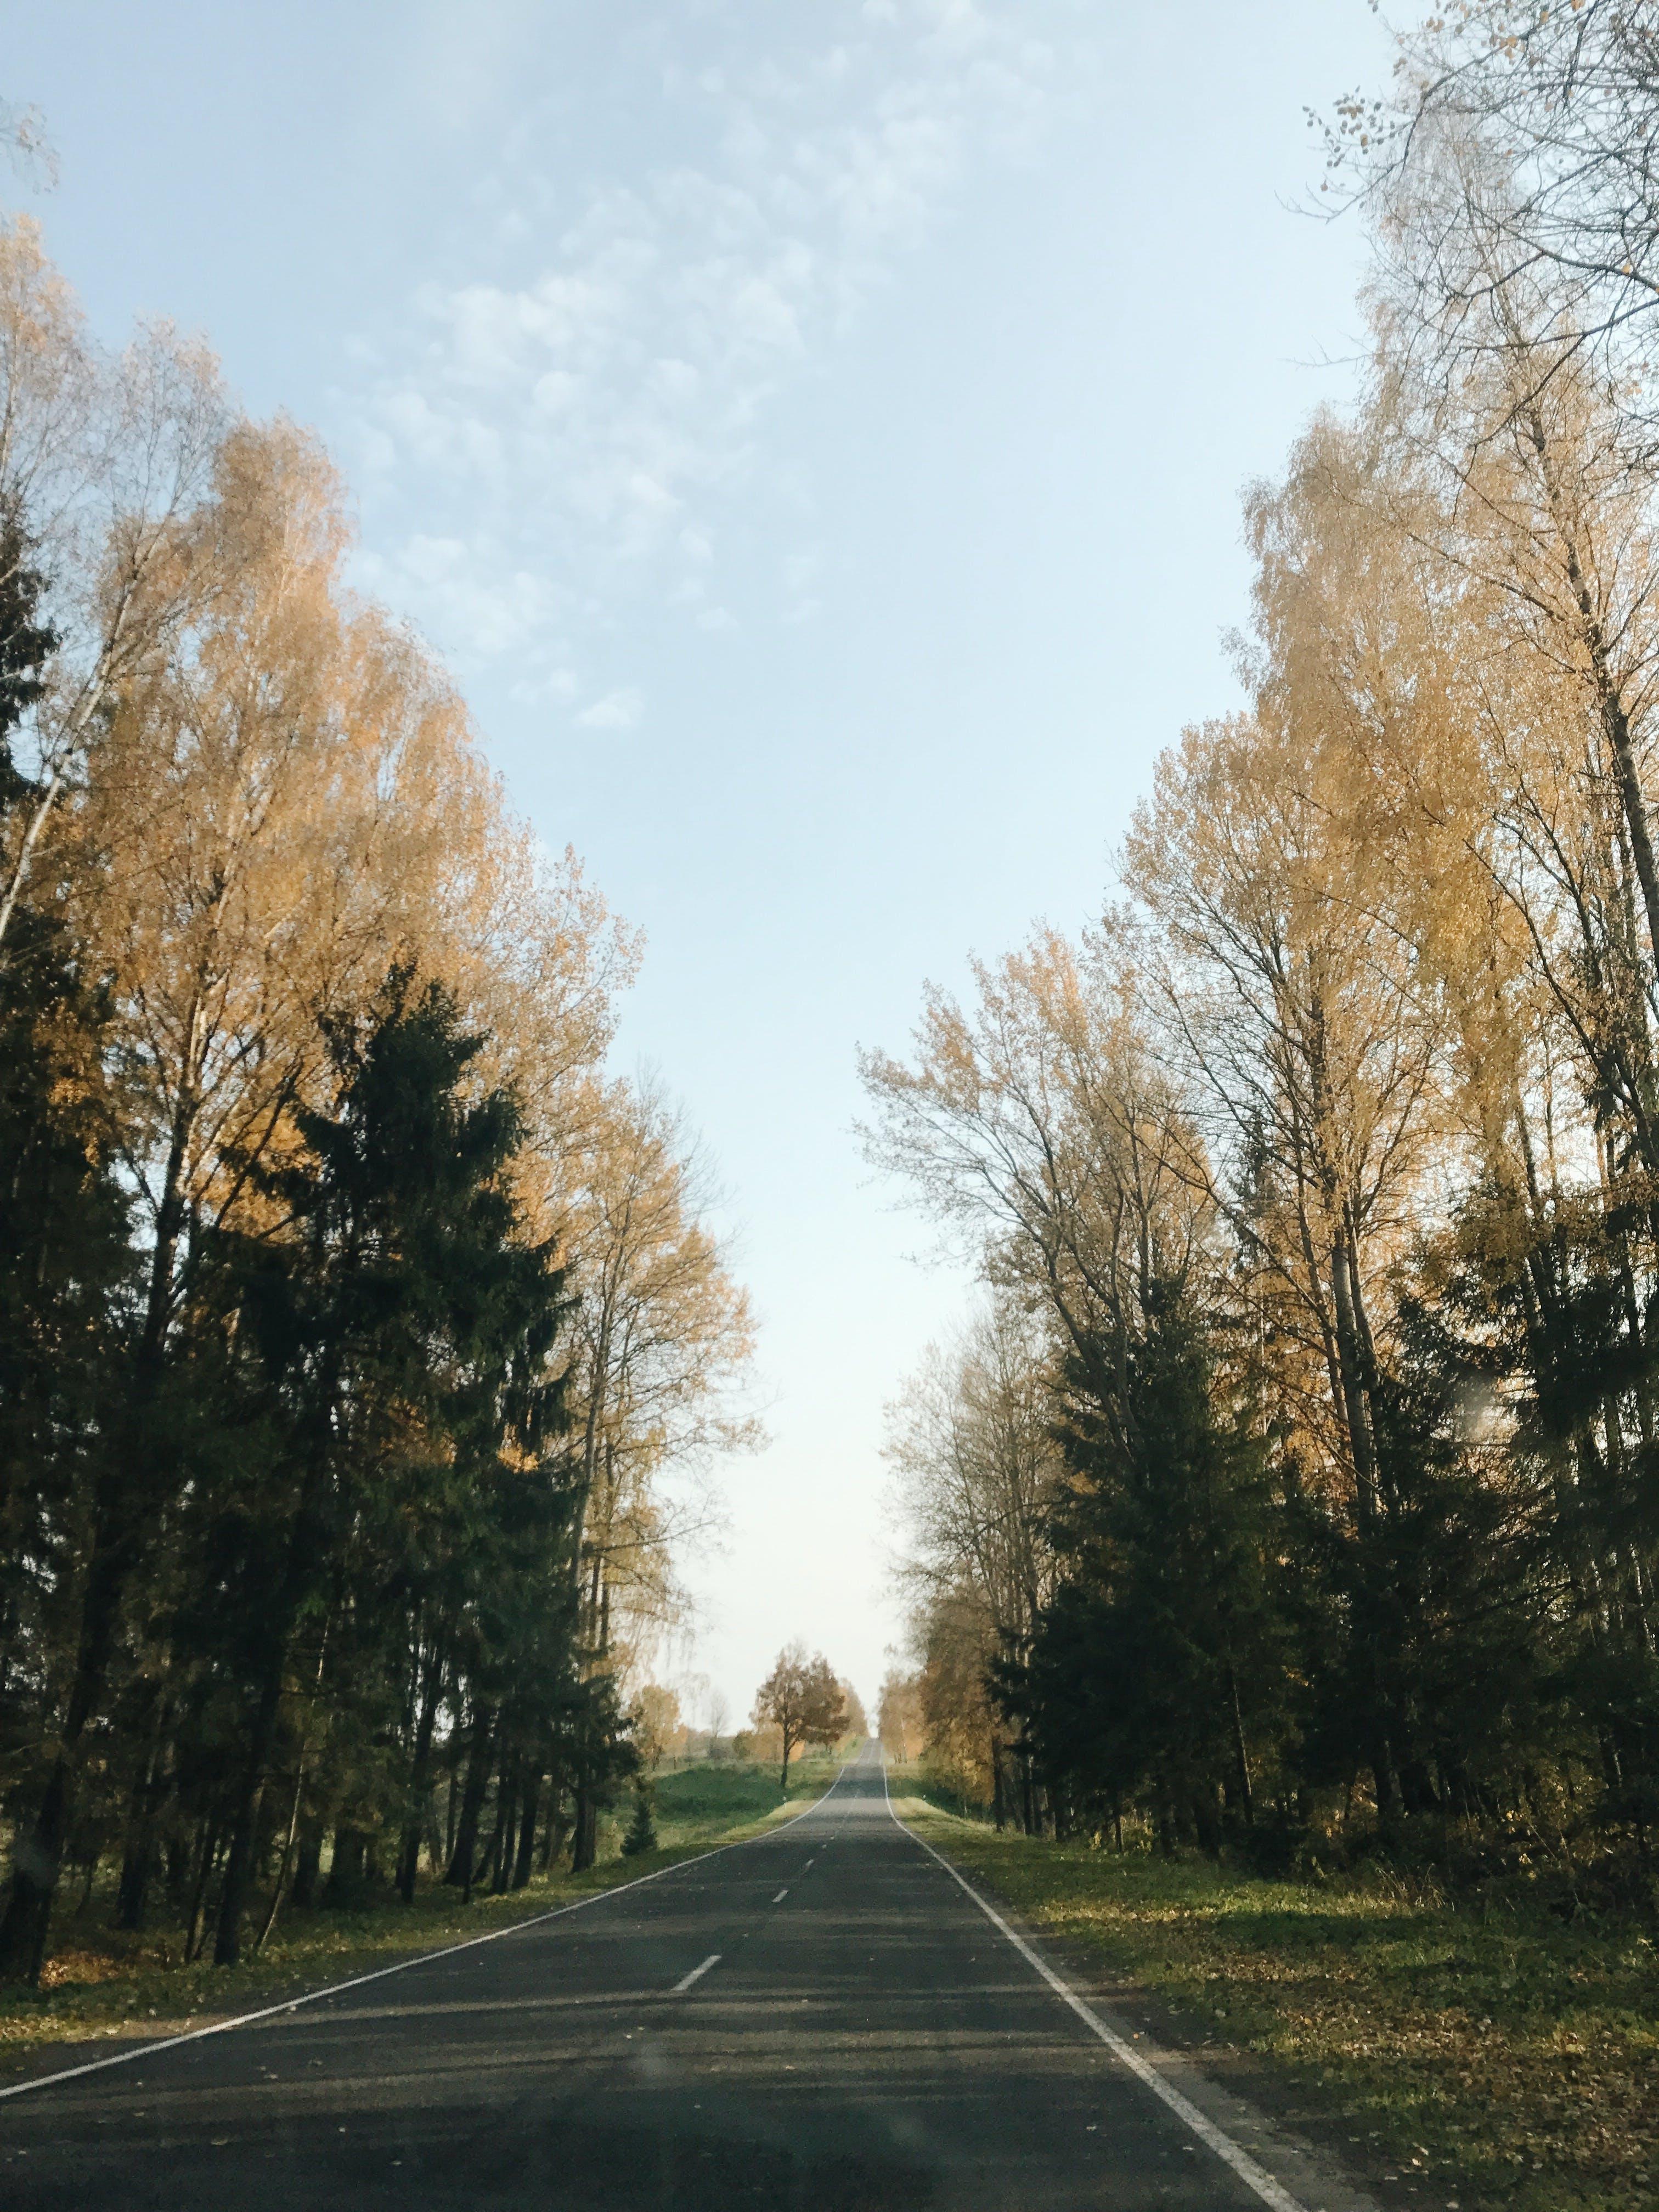 Foto d'estoc gratuïta de asfalt, autopista, carretera, carretera asfaltada